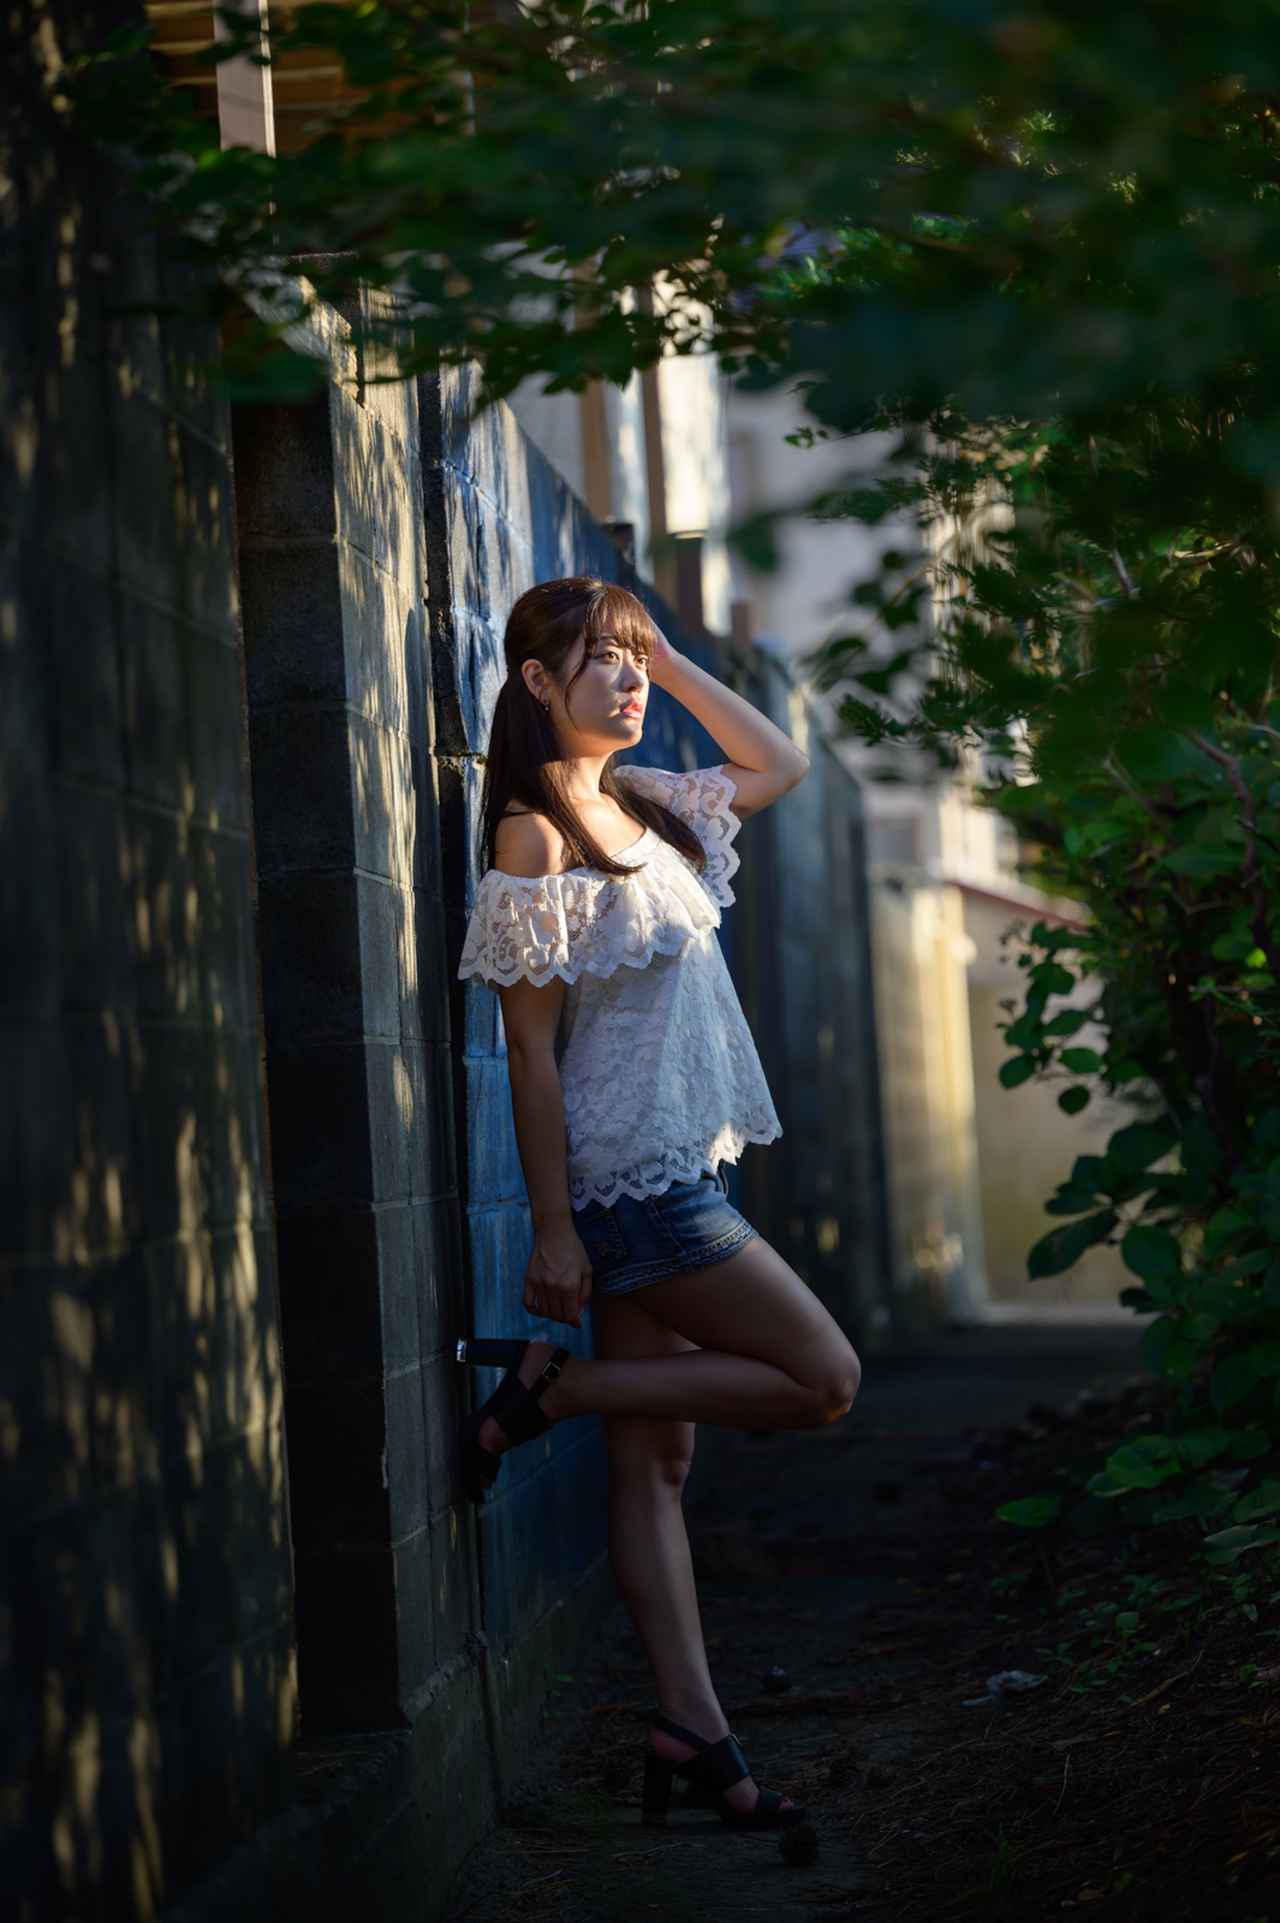 画像: Nikon Z 6 +NIKKOR Z 70-200mm f/2.8 VR S 1/250 f2.8 ISO100 WB:5000